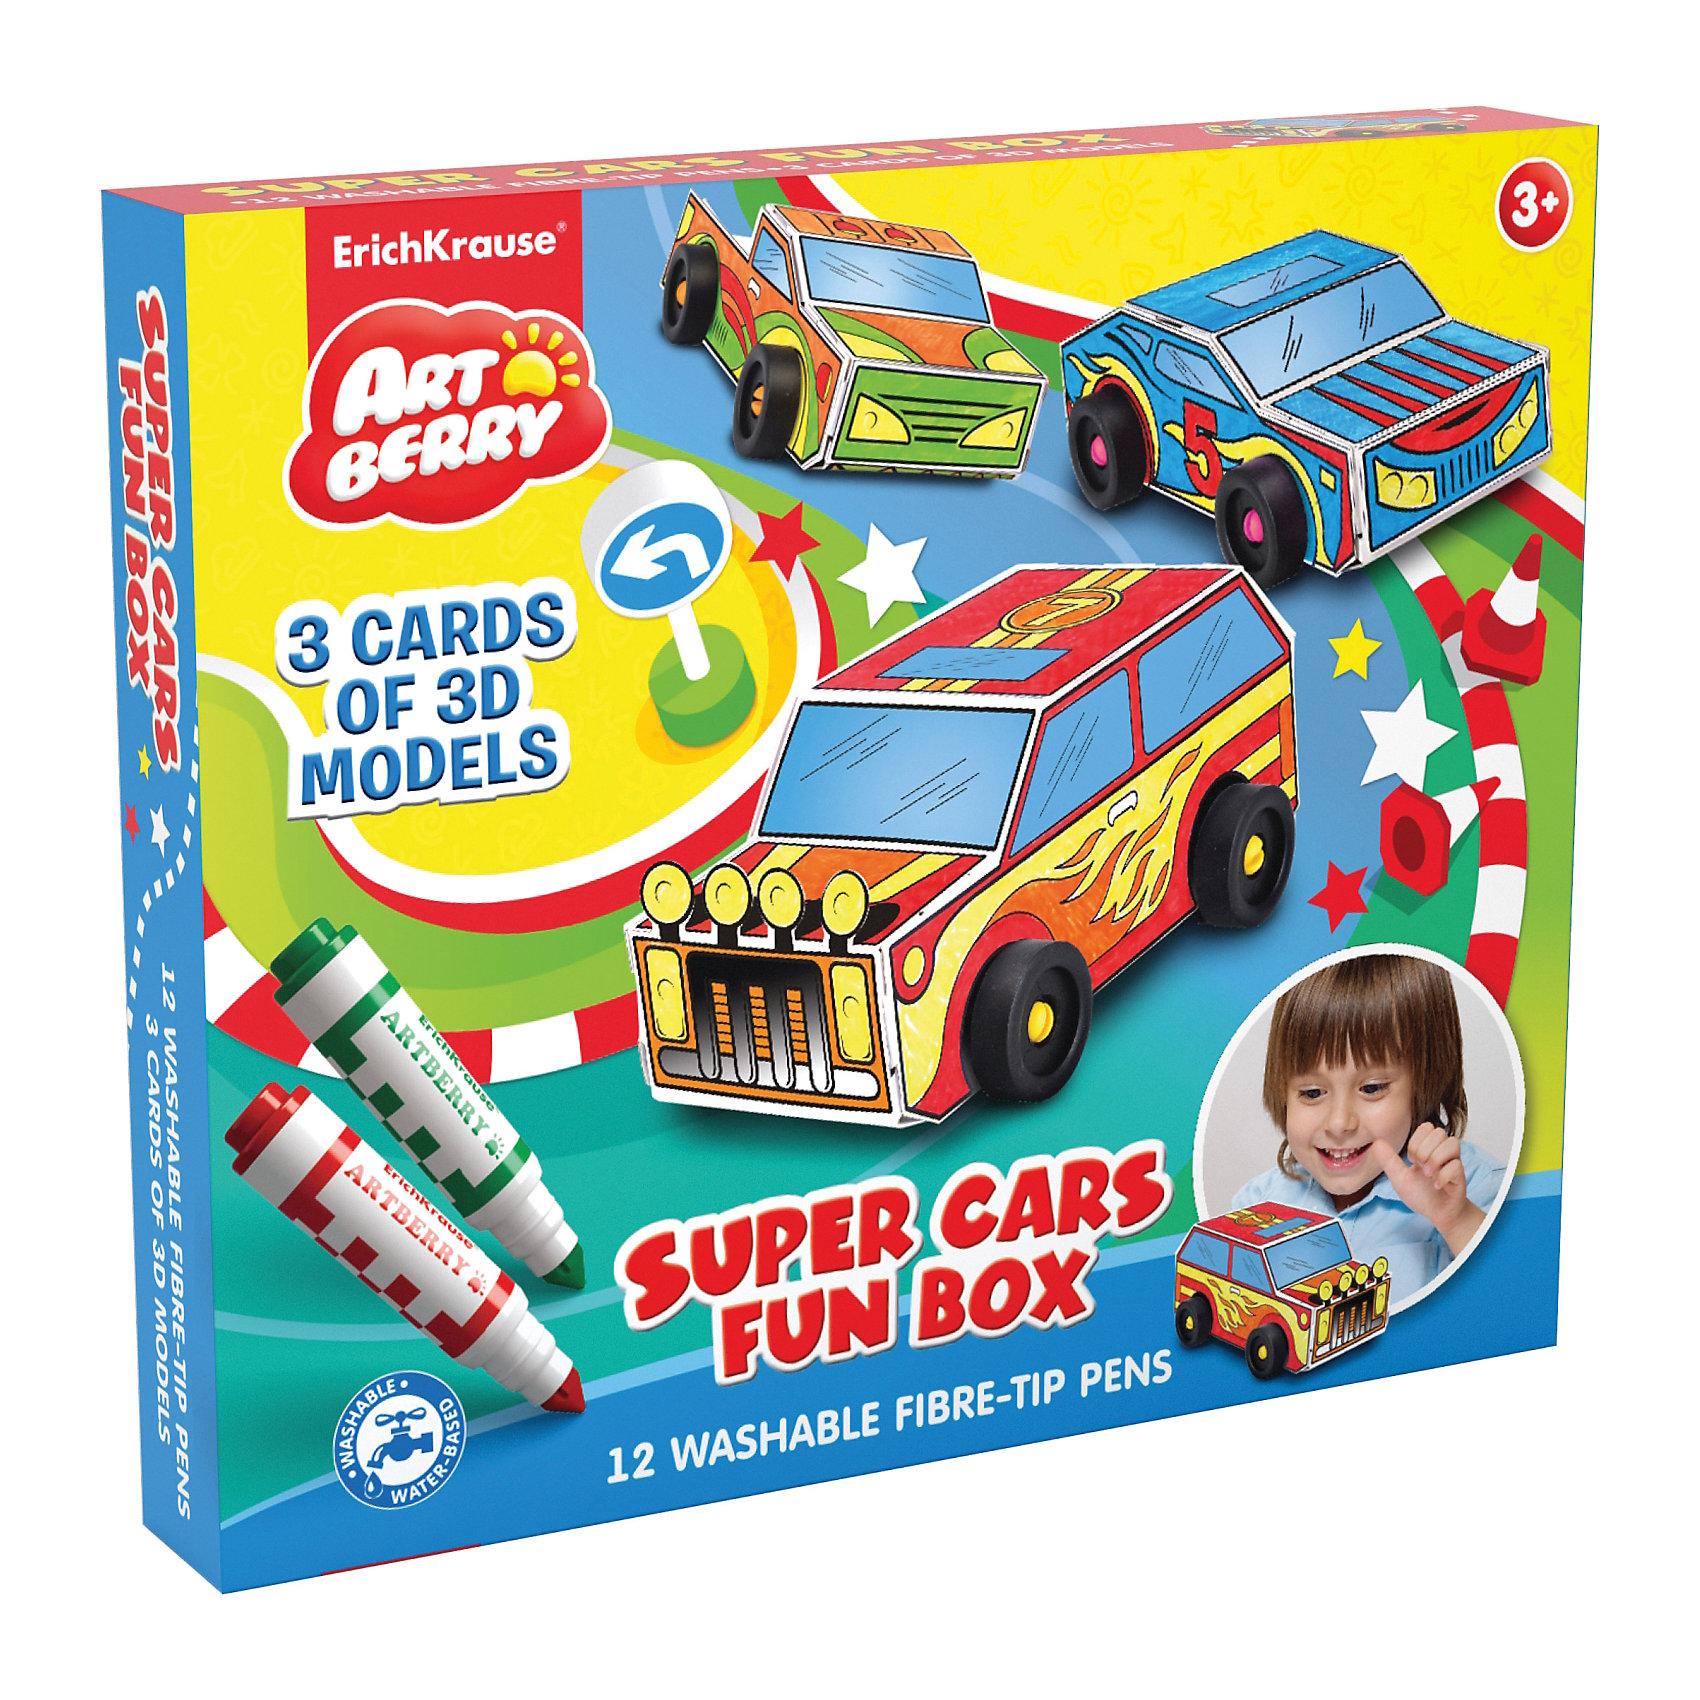 Набор для творчества Super Cars Fun box Artberry12 мини дажмбо фломастеров( super-tip наконечник)+ 3 модели машинок для сборки и раскрашивания<br><br>Ширина мм: 370<br>Глубина мм: 312<br>Высота мм: 52<br>Вес г: 958<br>Возраст от месяцев: 60<br>Возраст до месяцев: 216<br>Пол: Унисекс<br>Возраст: Детский<br>SKU: 3525235